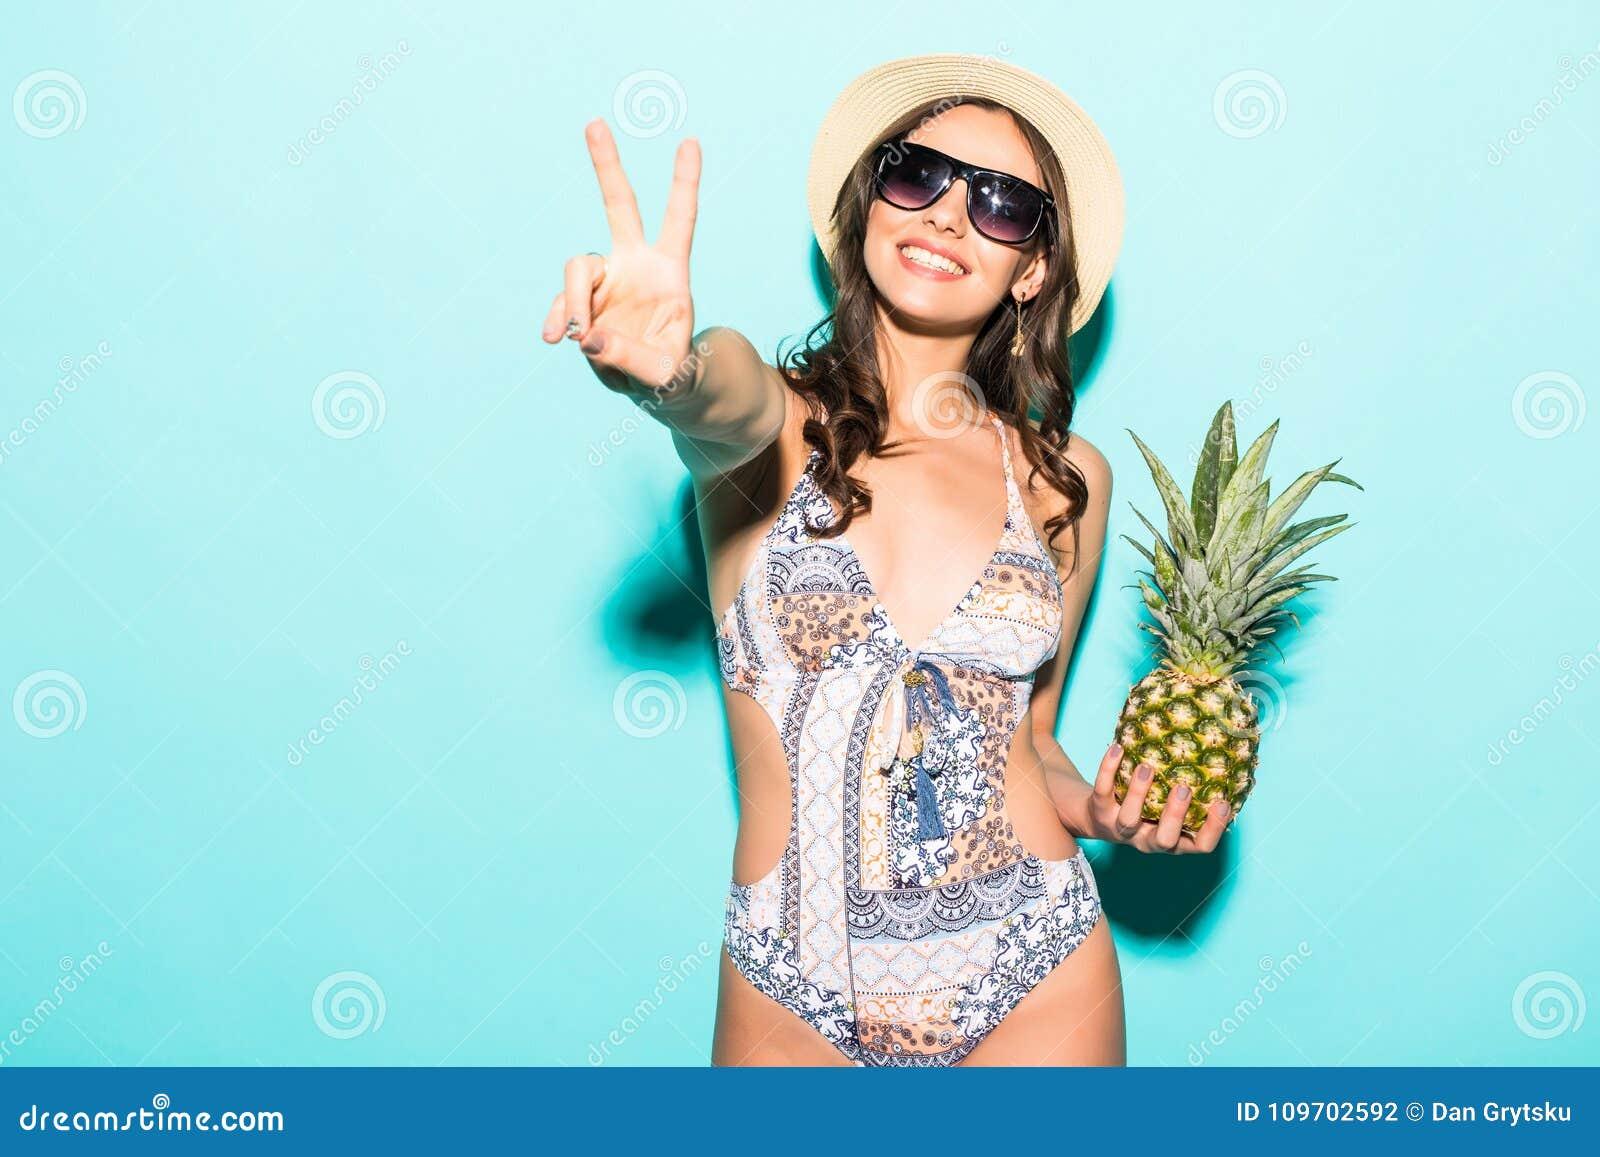 Θερινό τροπικό θετικό πορτρέτο της νέας όμορφης γυναίκας που έχει τη διασκέδαση, που φορά το φωτεινό ανανά εκμετάλλευσης μπικινιώ